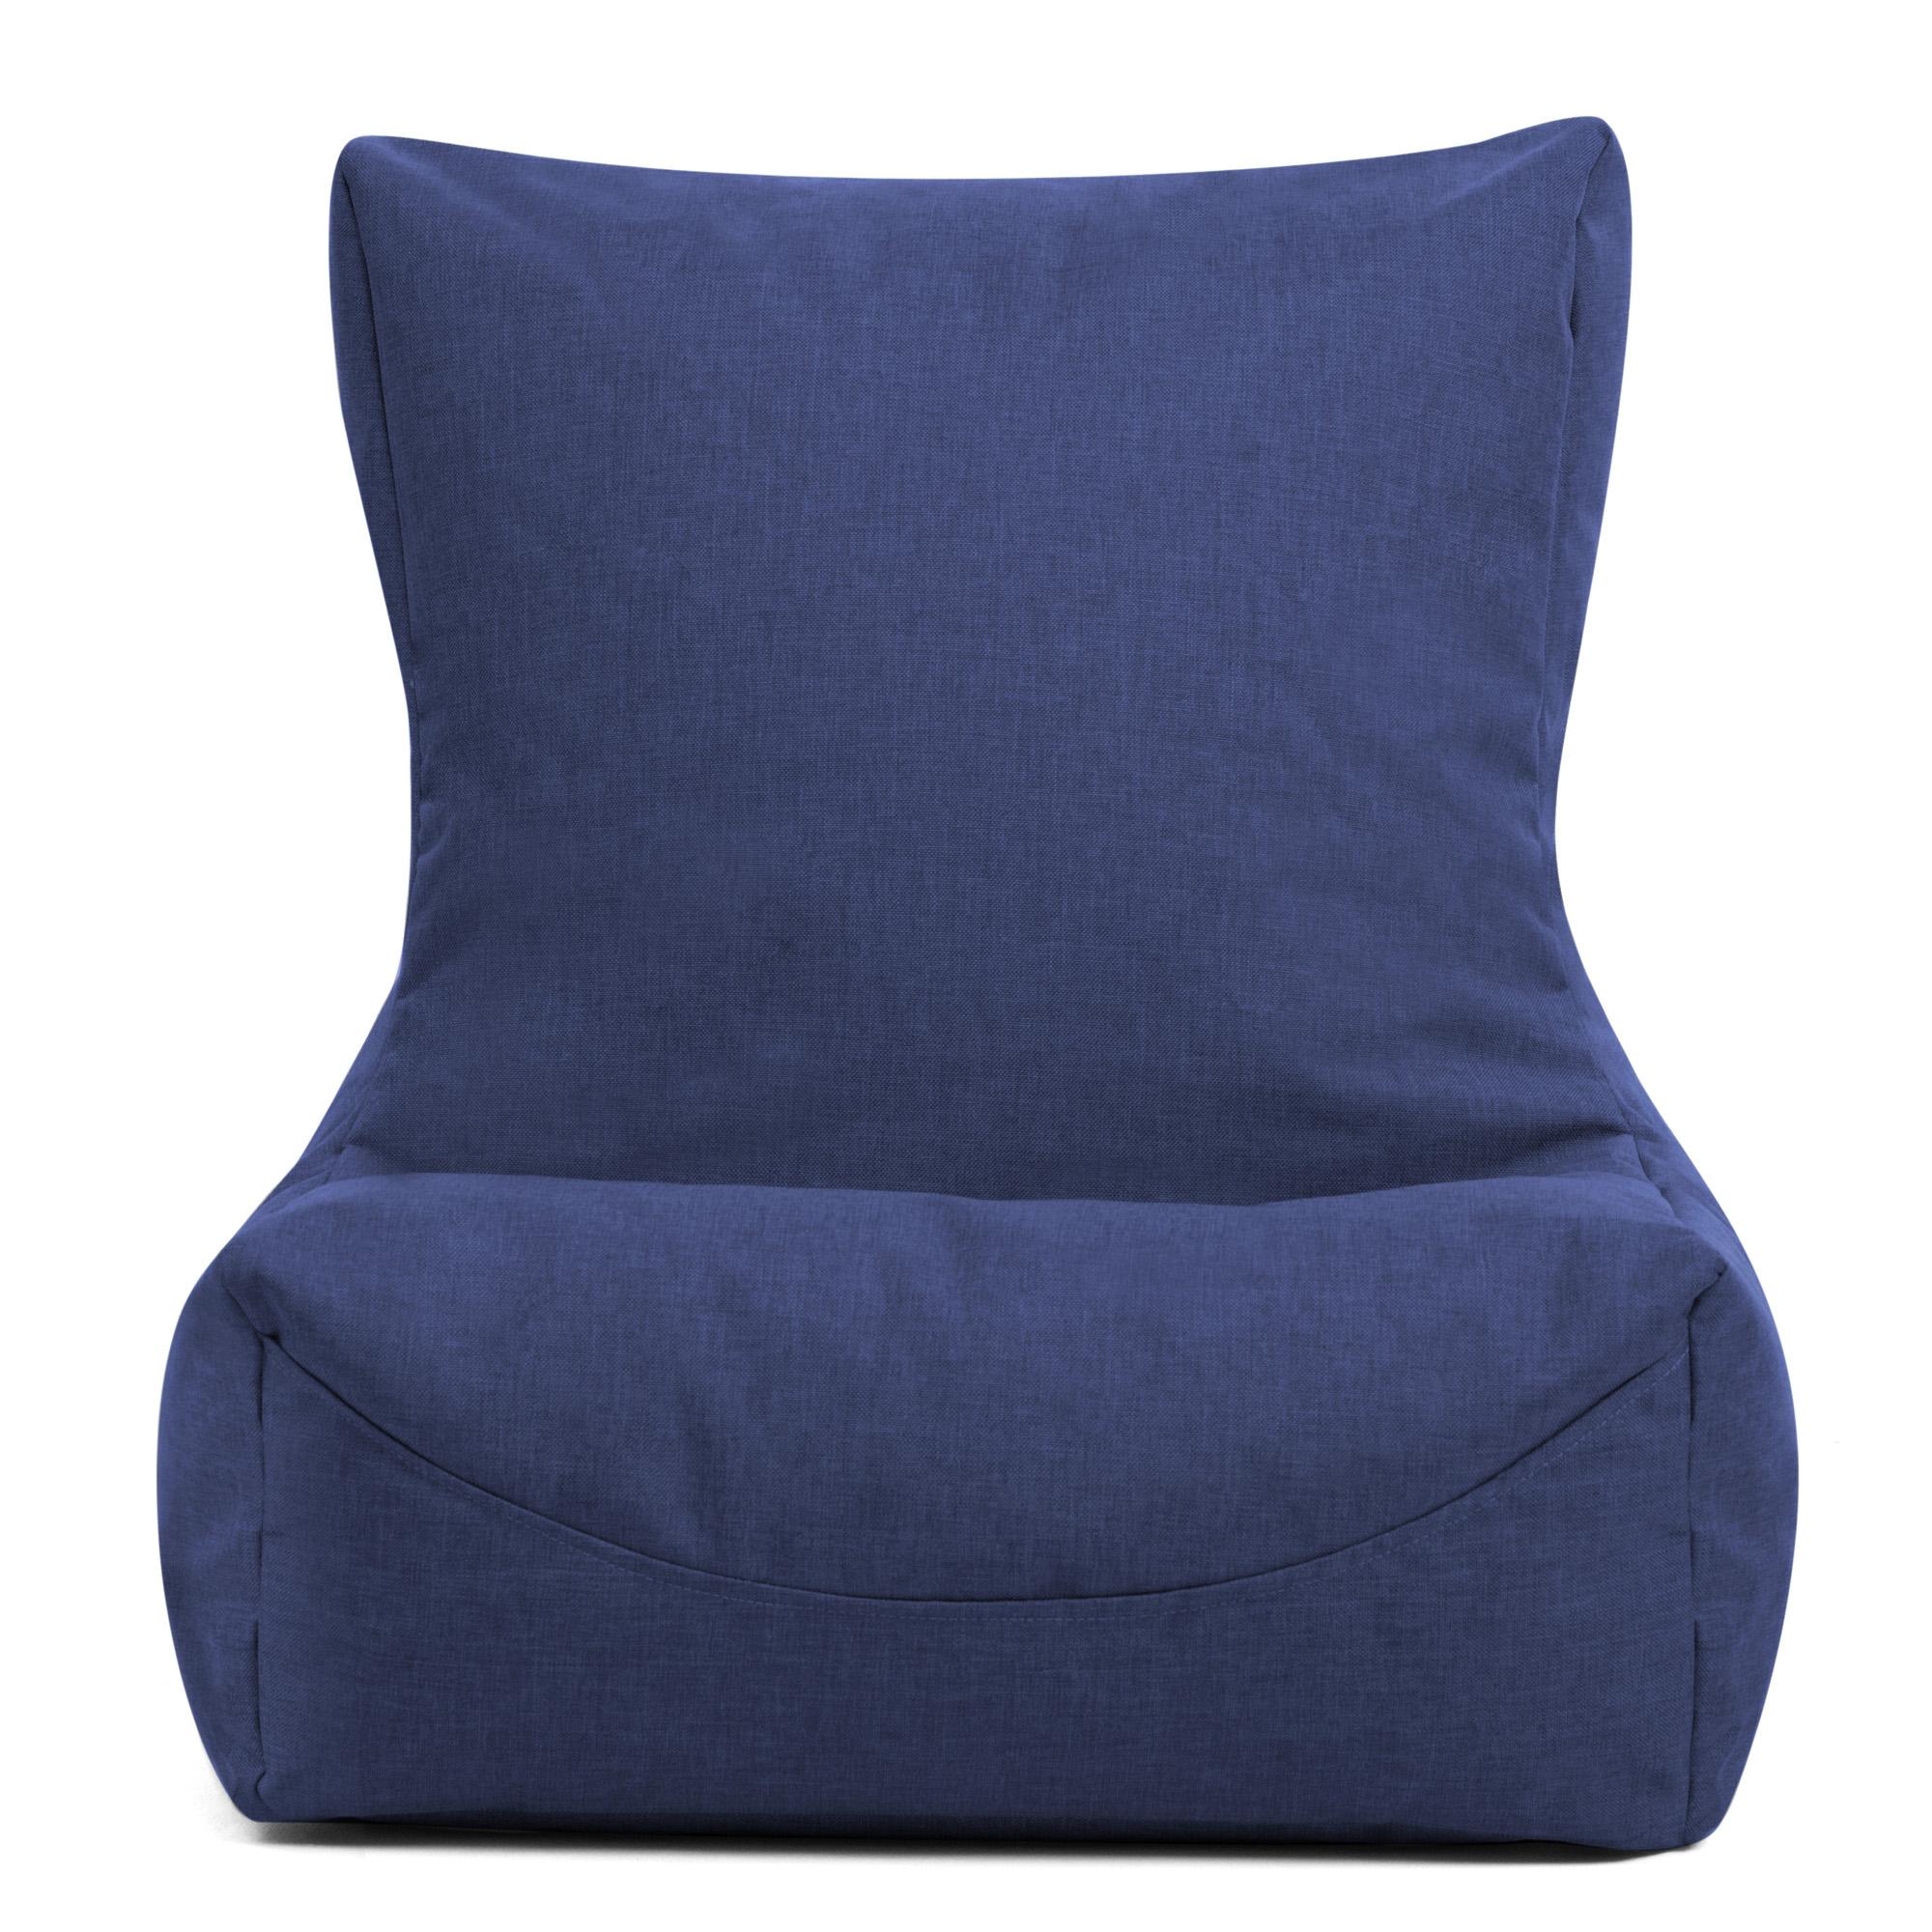 Eden-PRI-Smile-Chair-Navy-1-300dpi